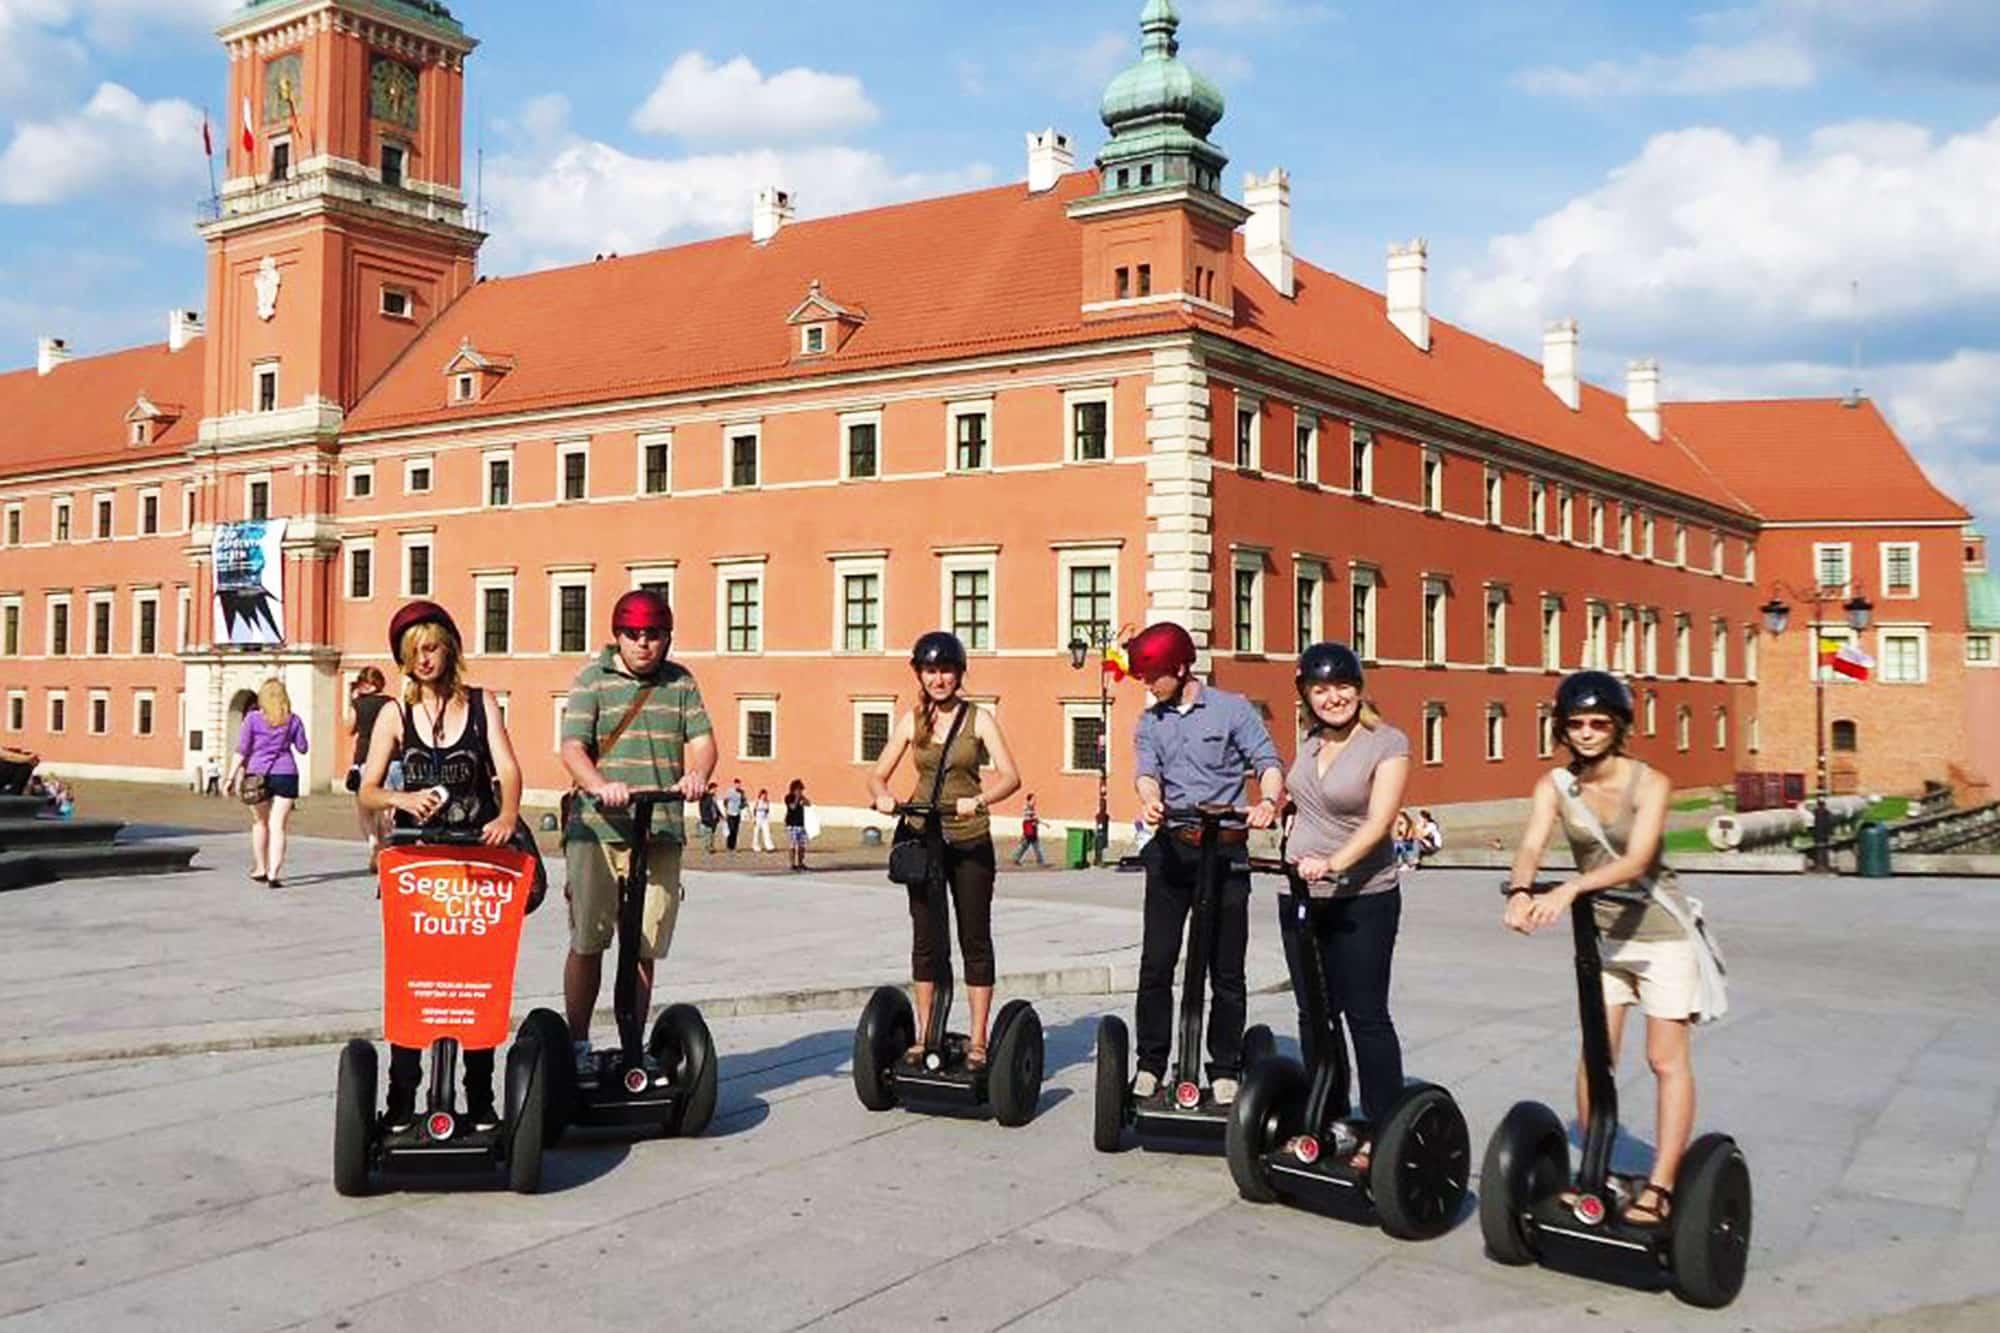 Группа людей на segways в туре рядом с Королевским замком